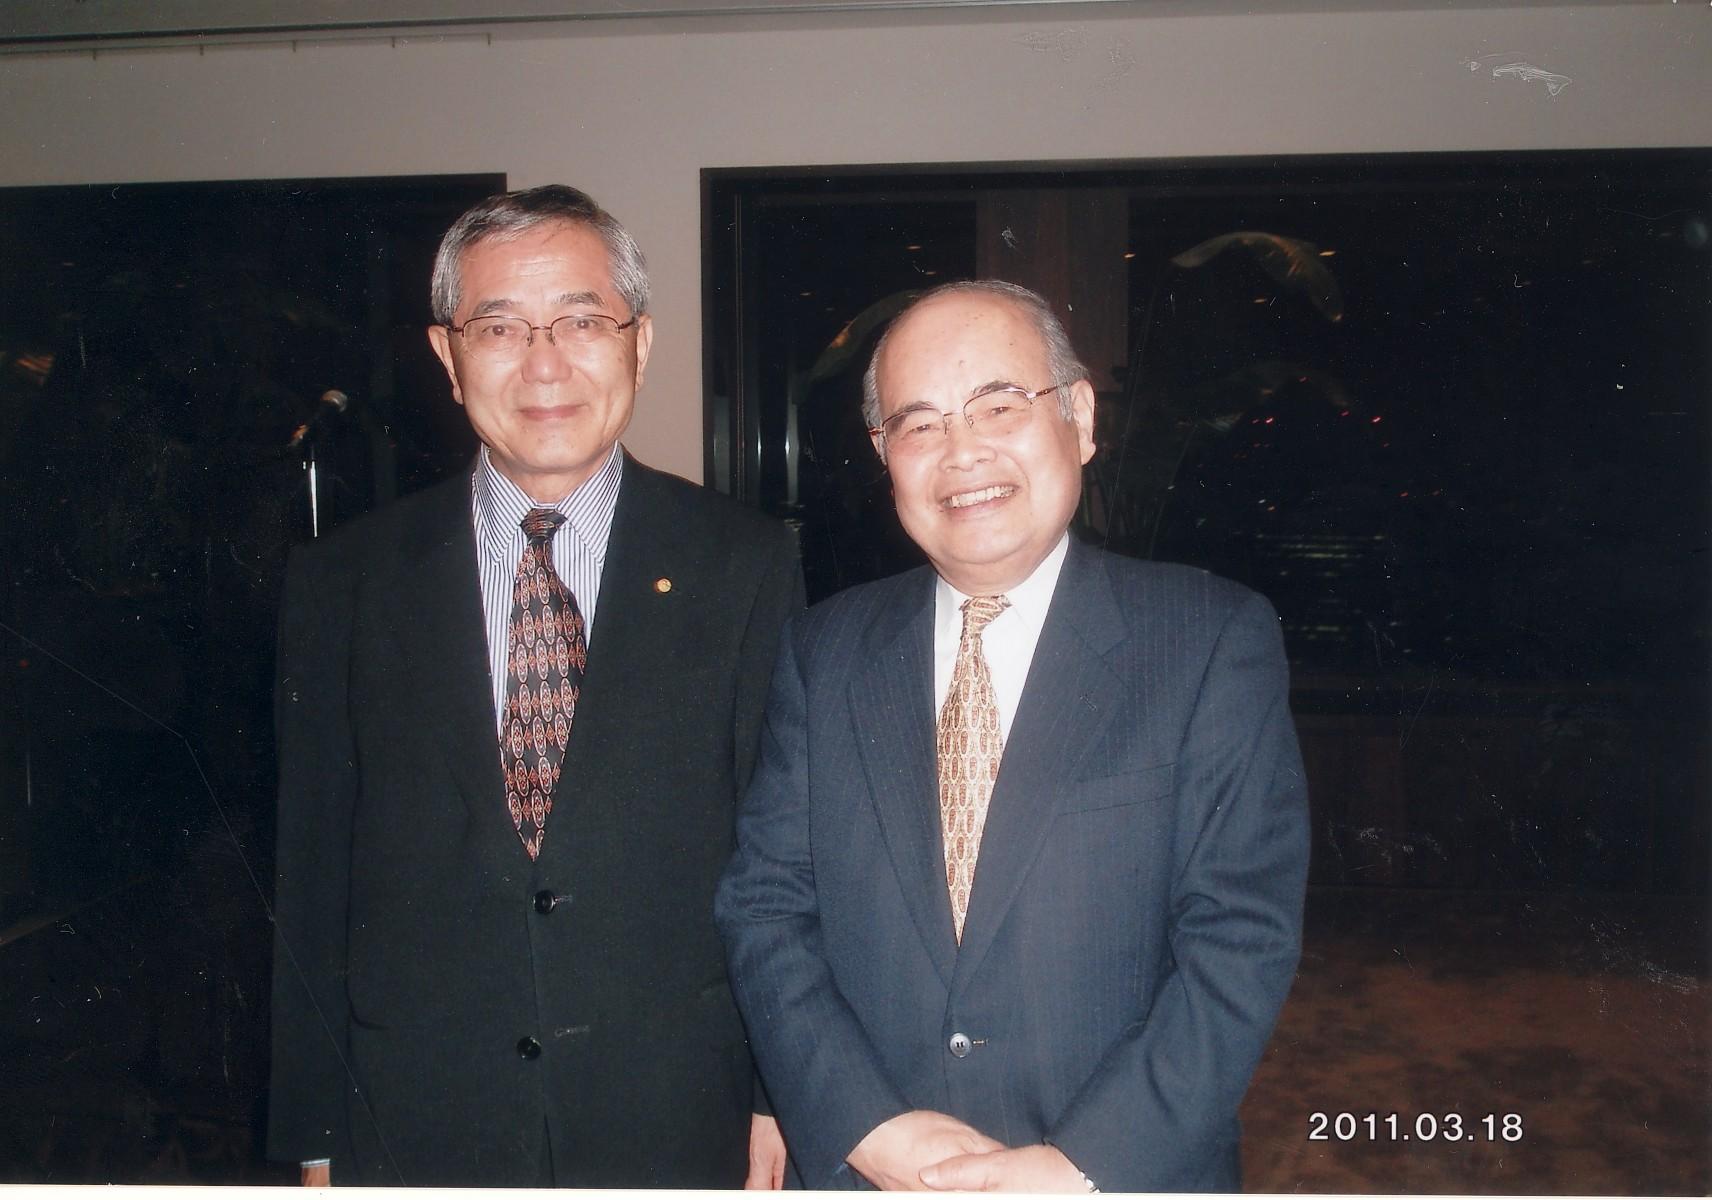 ノーベル化学賞受賞者で高校先輩の根岸英一博士と 2011年3月